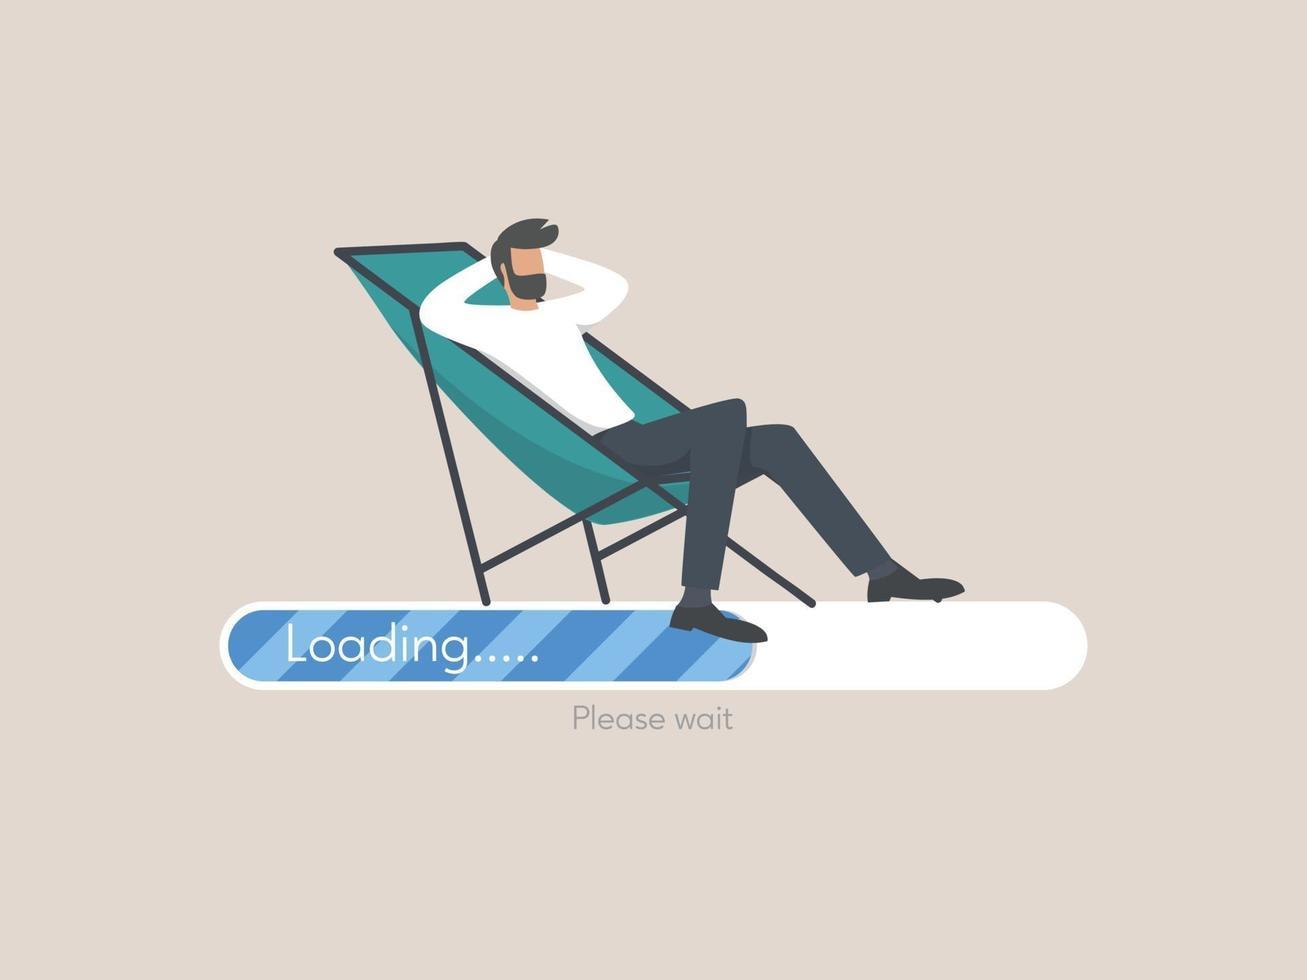 fil uppladdningskoncept, ung man karaktär väntar i stol på ett framstegsfält vektor